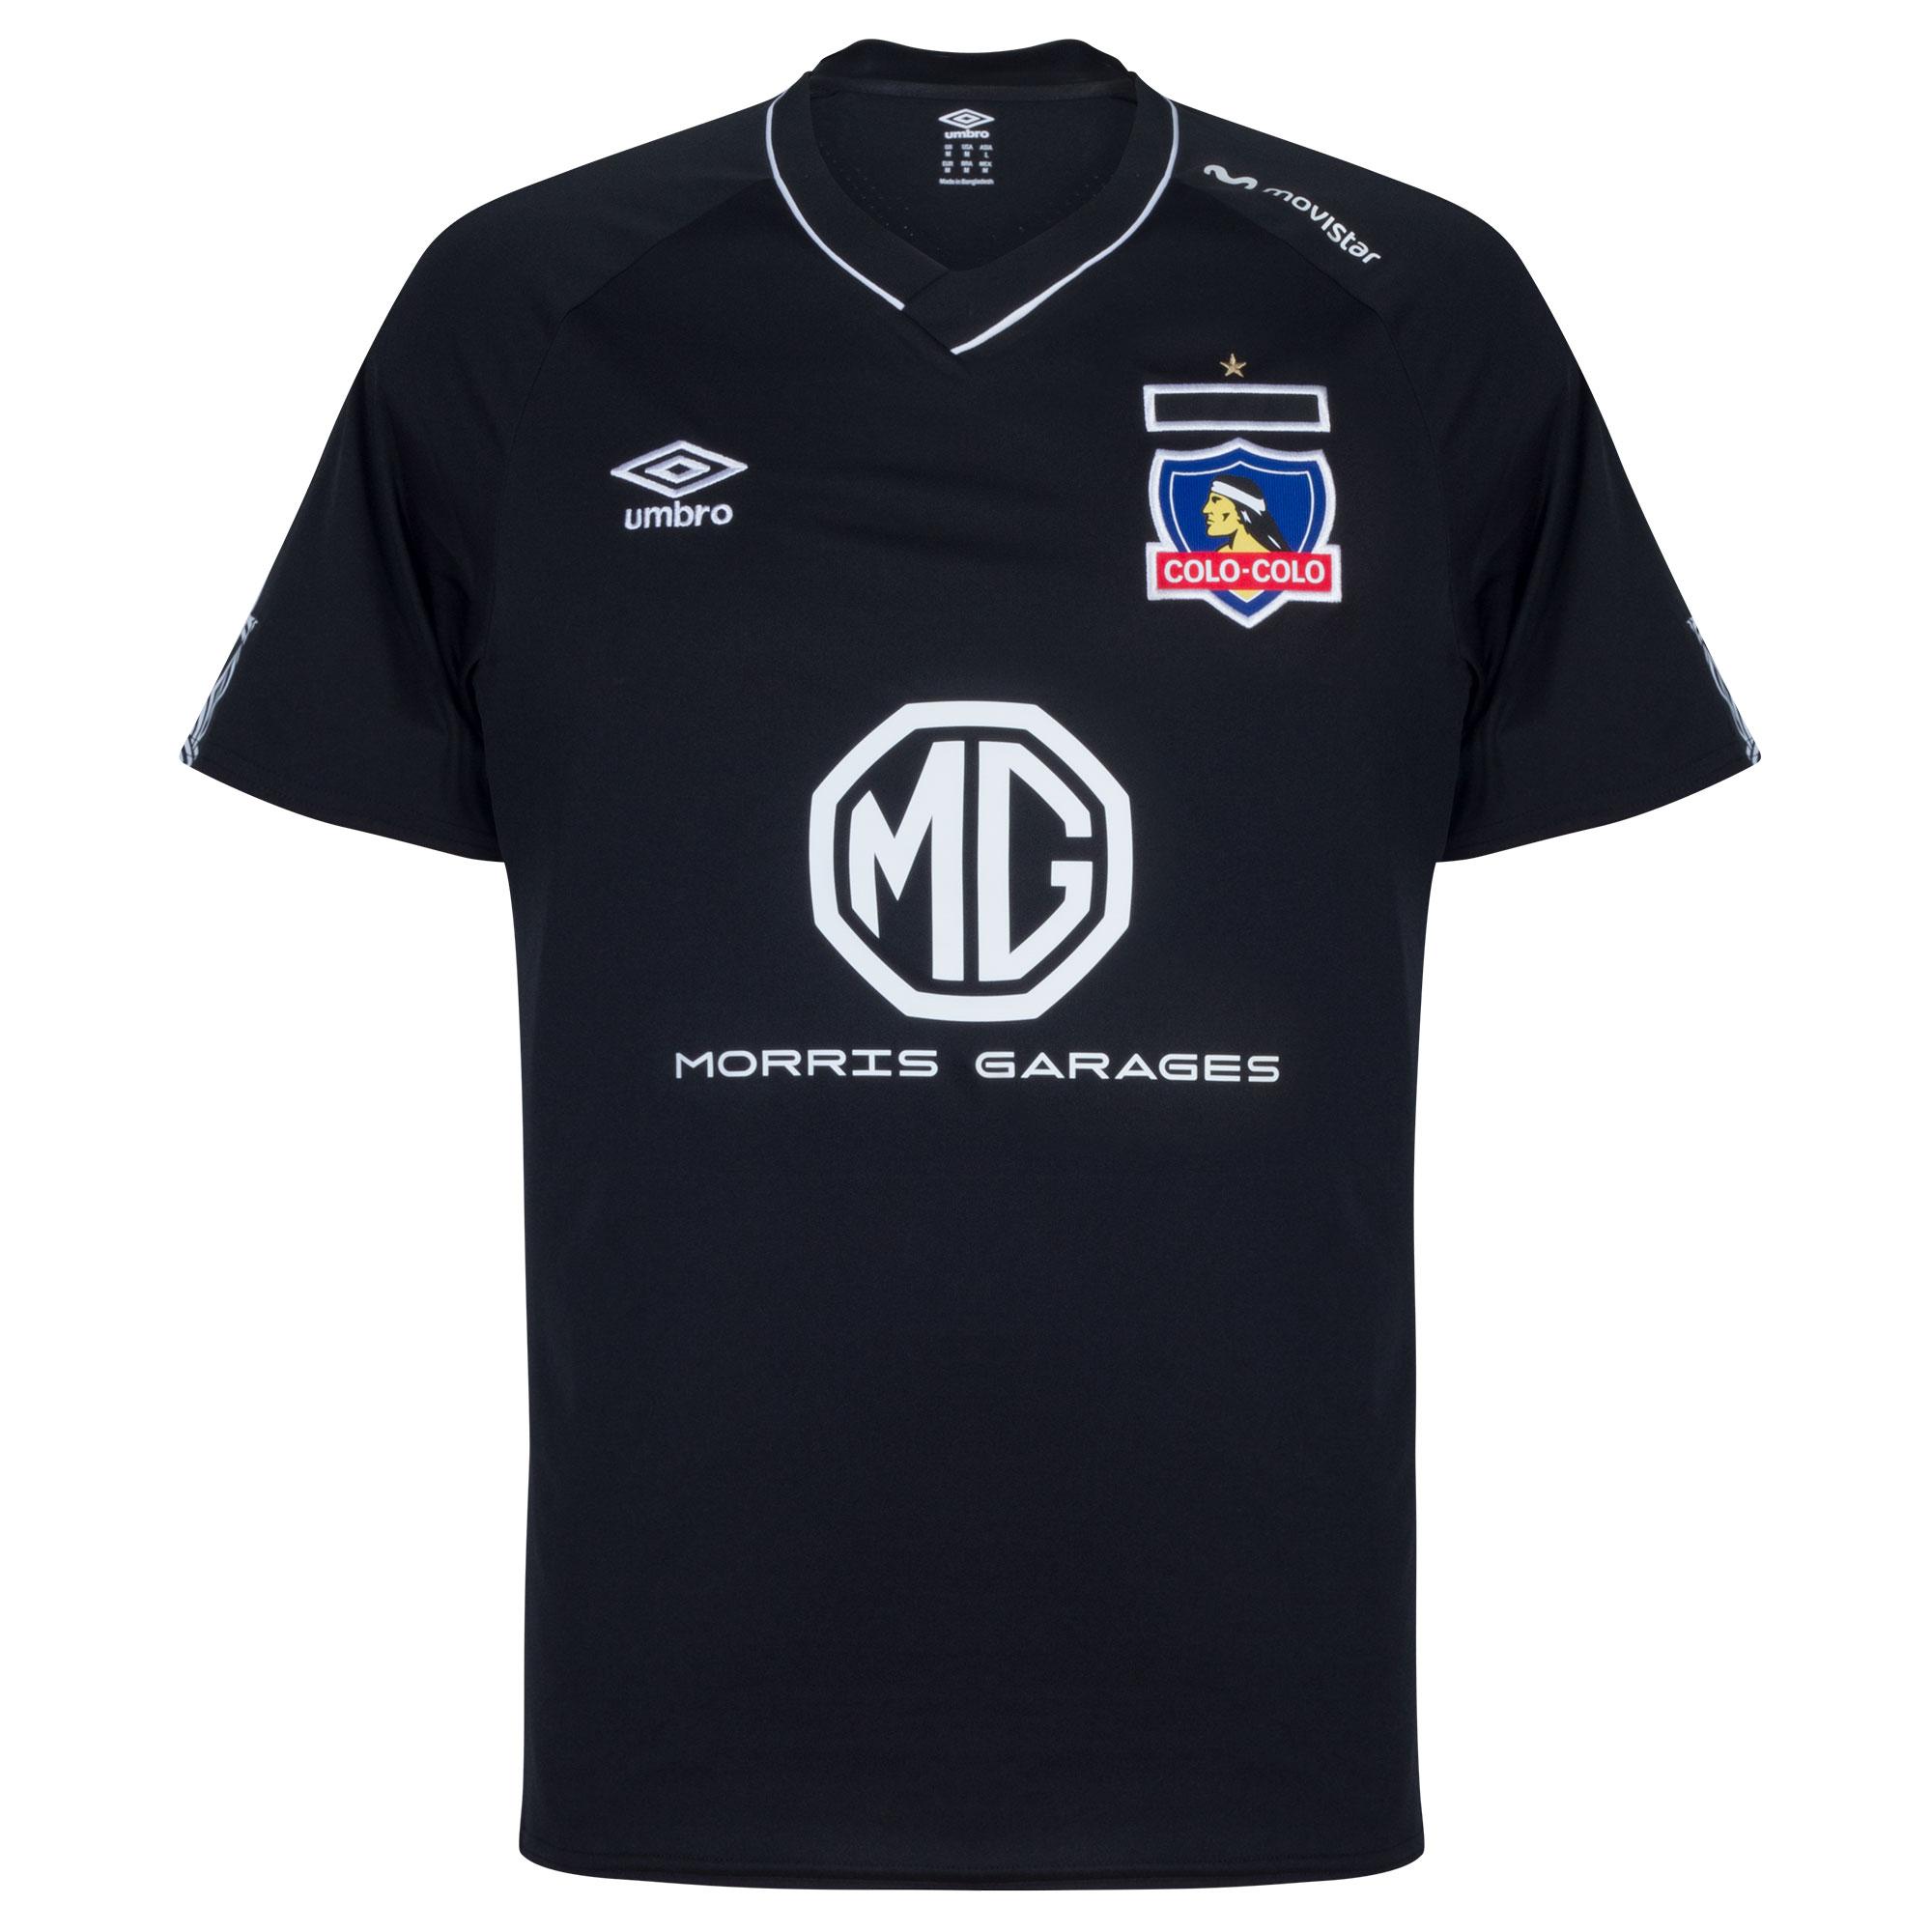 Colo-Colo Away shirt